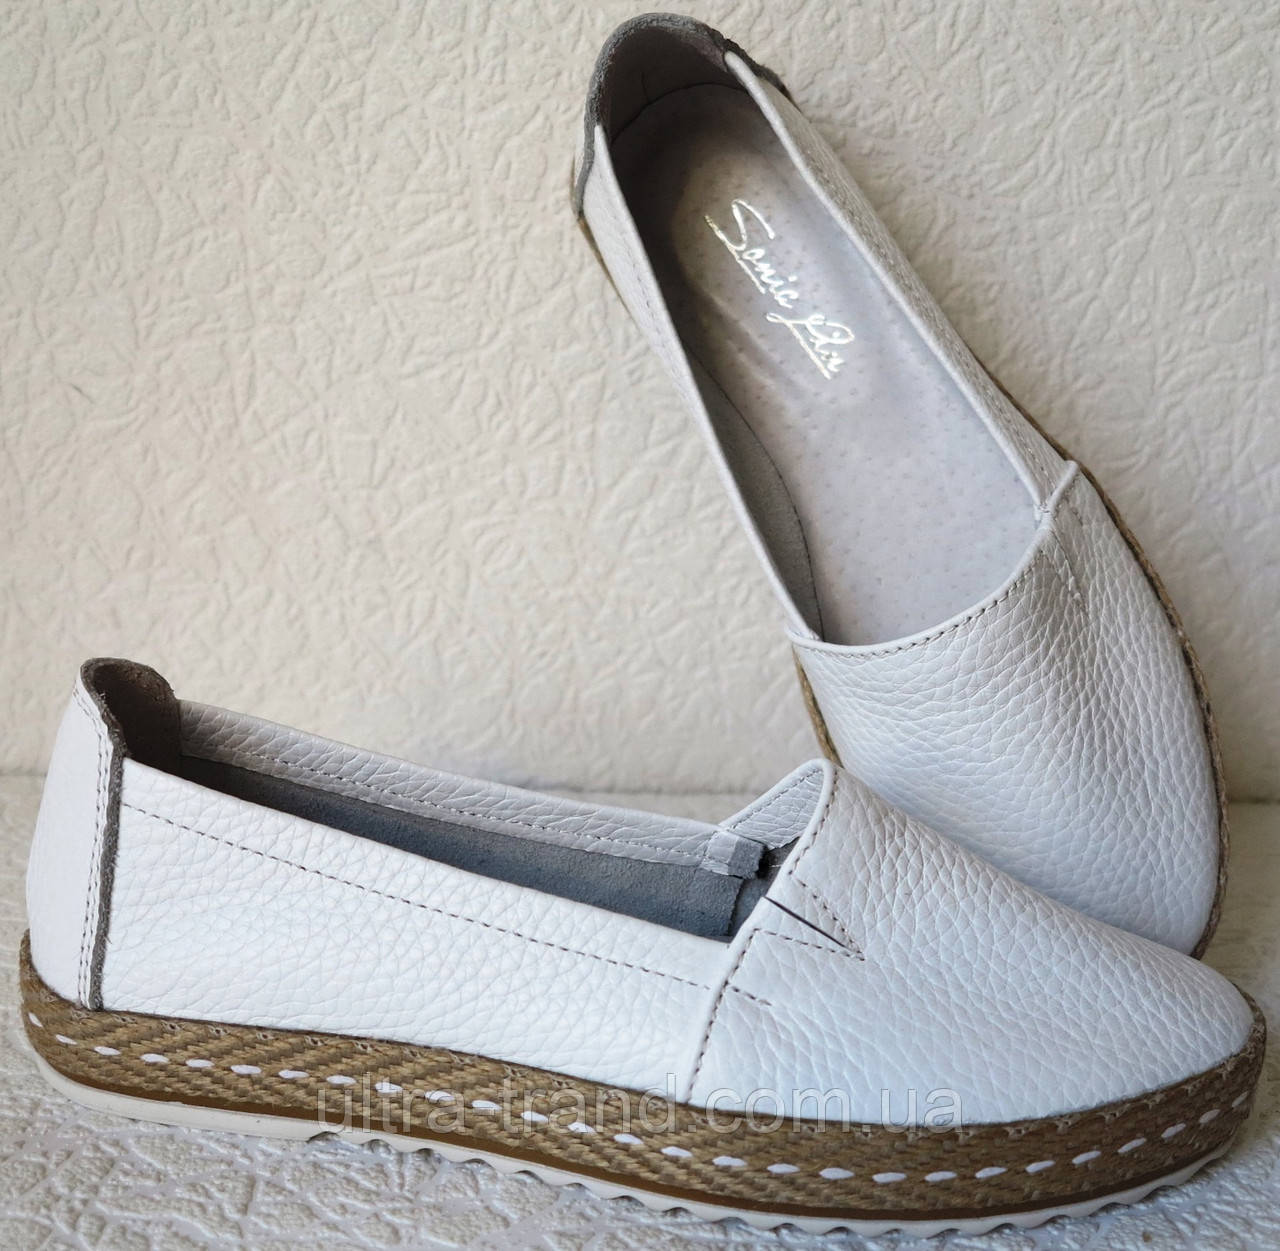 c9c4e71c7 Кожаные слипоны для девочек и девушек мокасины туфли универсальные -  Интернет магазин Ultra-